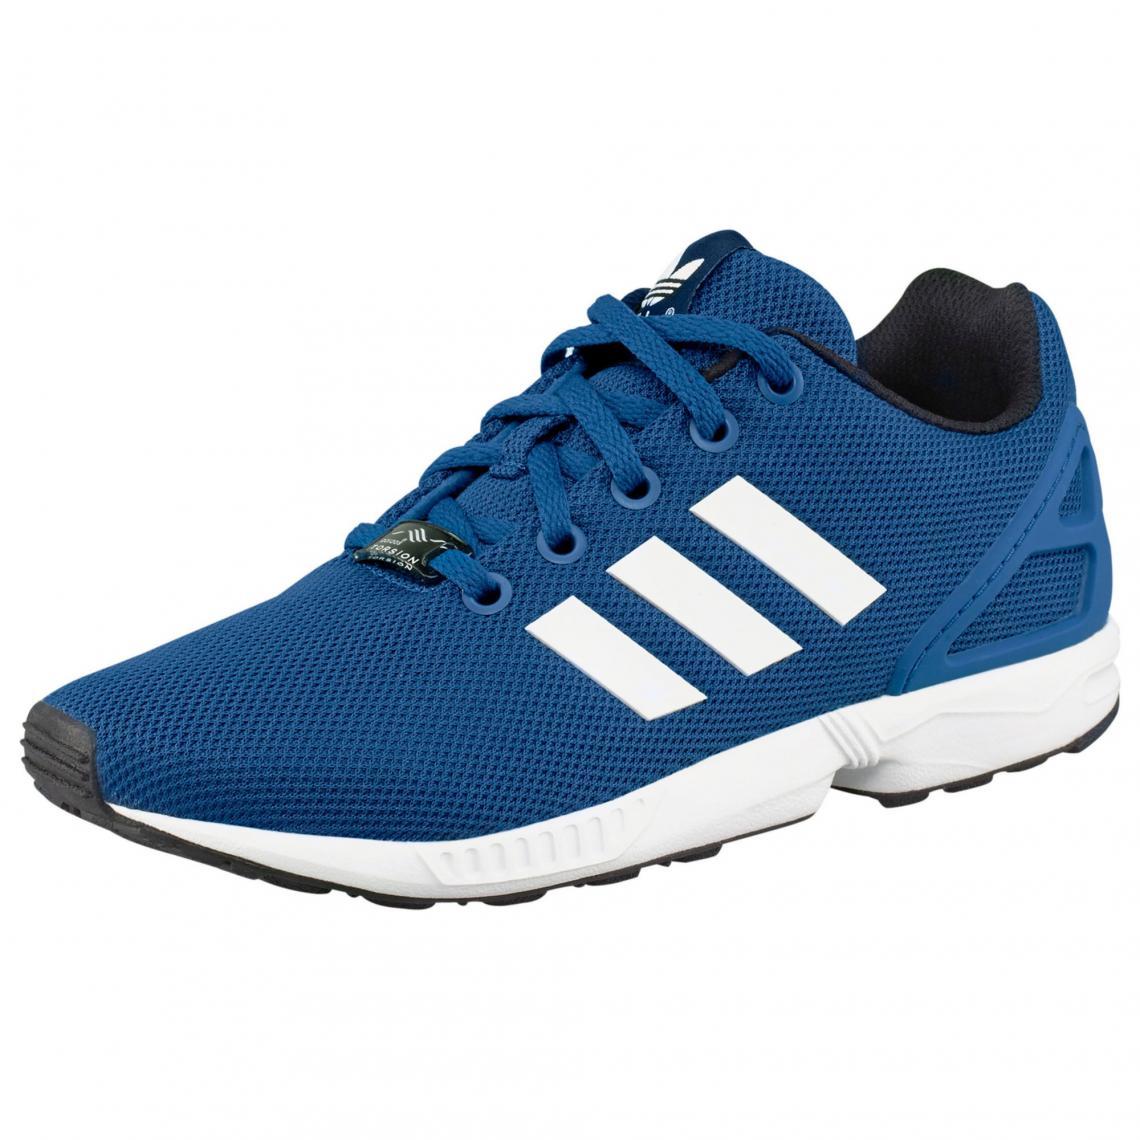 adidas originals zx flux homme bleu